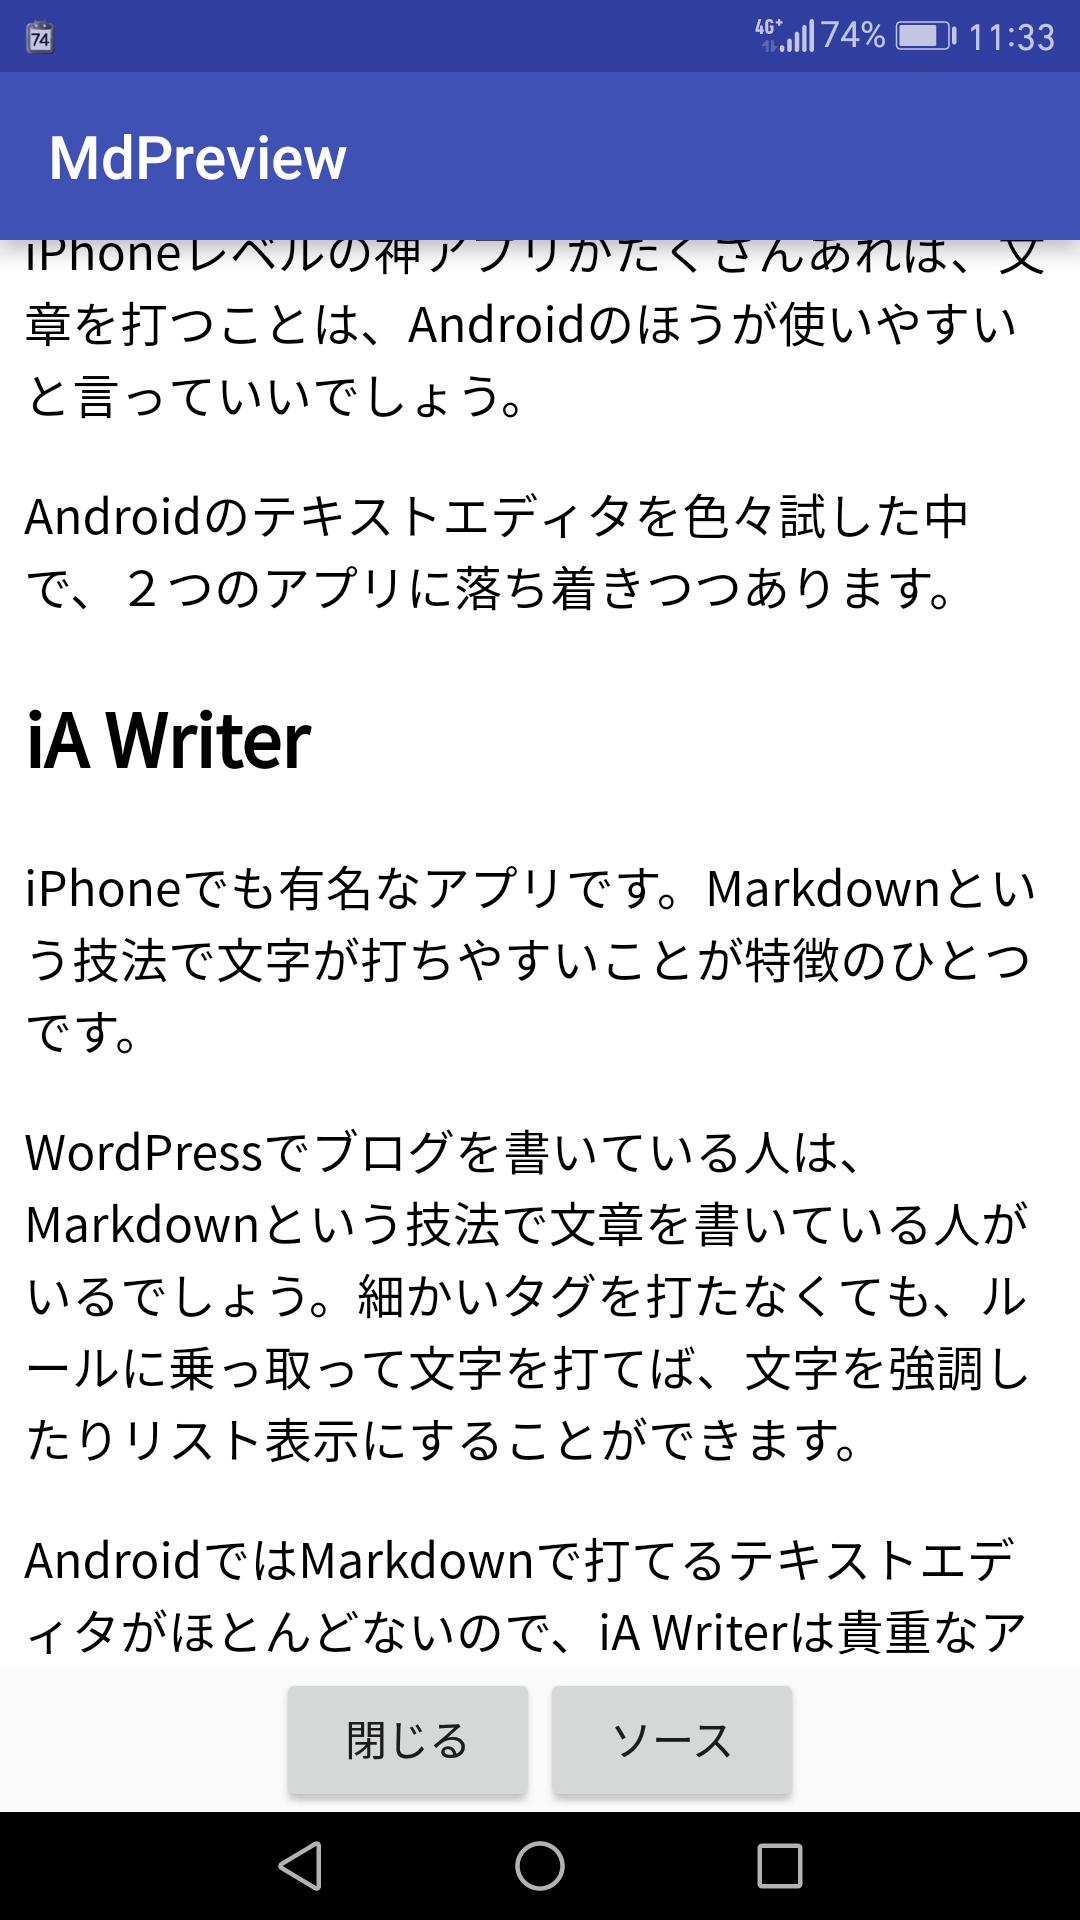 Markdownで作った文章が変換されて表示されている